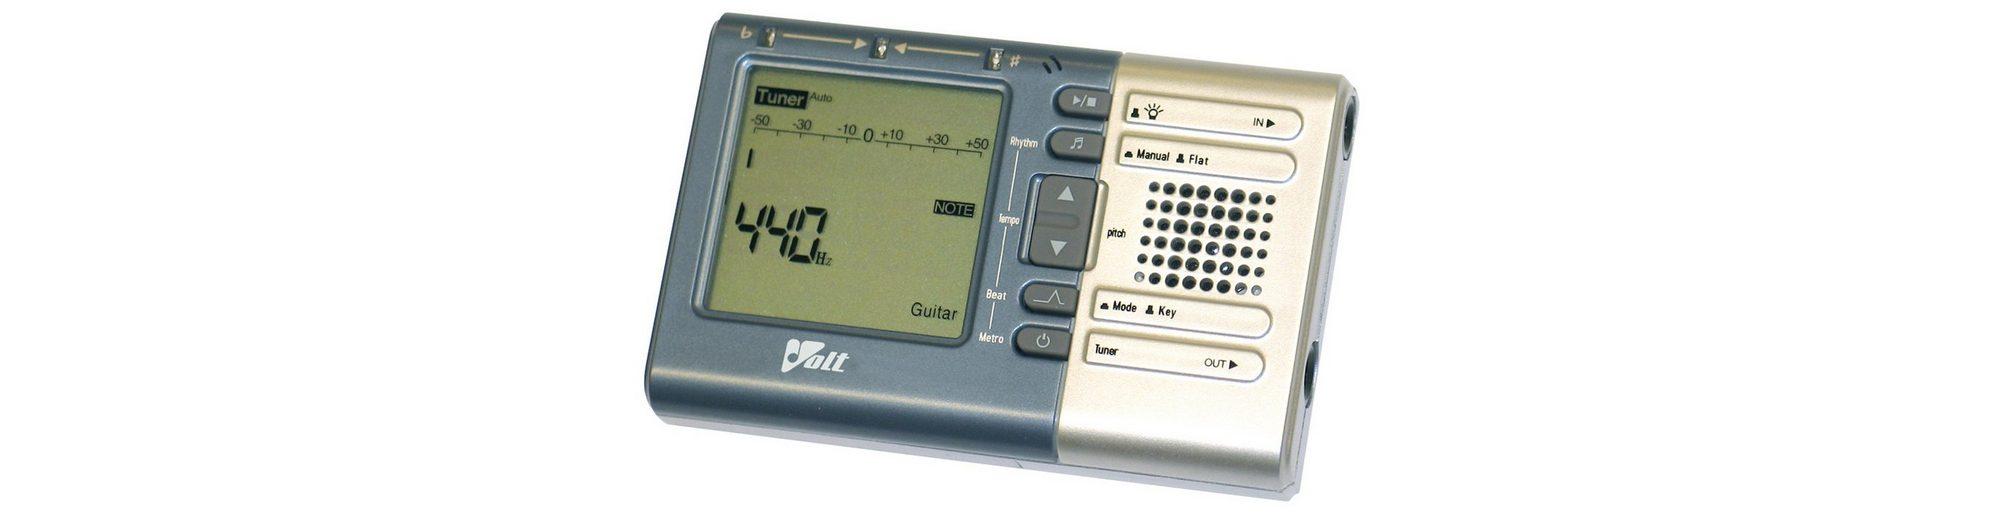 Stimmgerät, »Volt MetroTuner DTM-01«, Voggenreiter